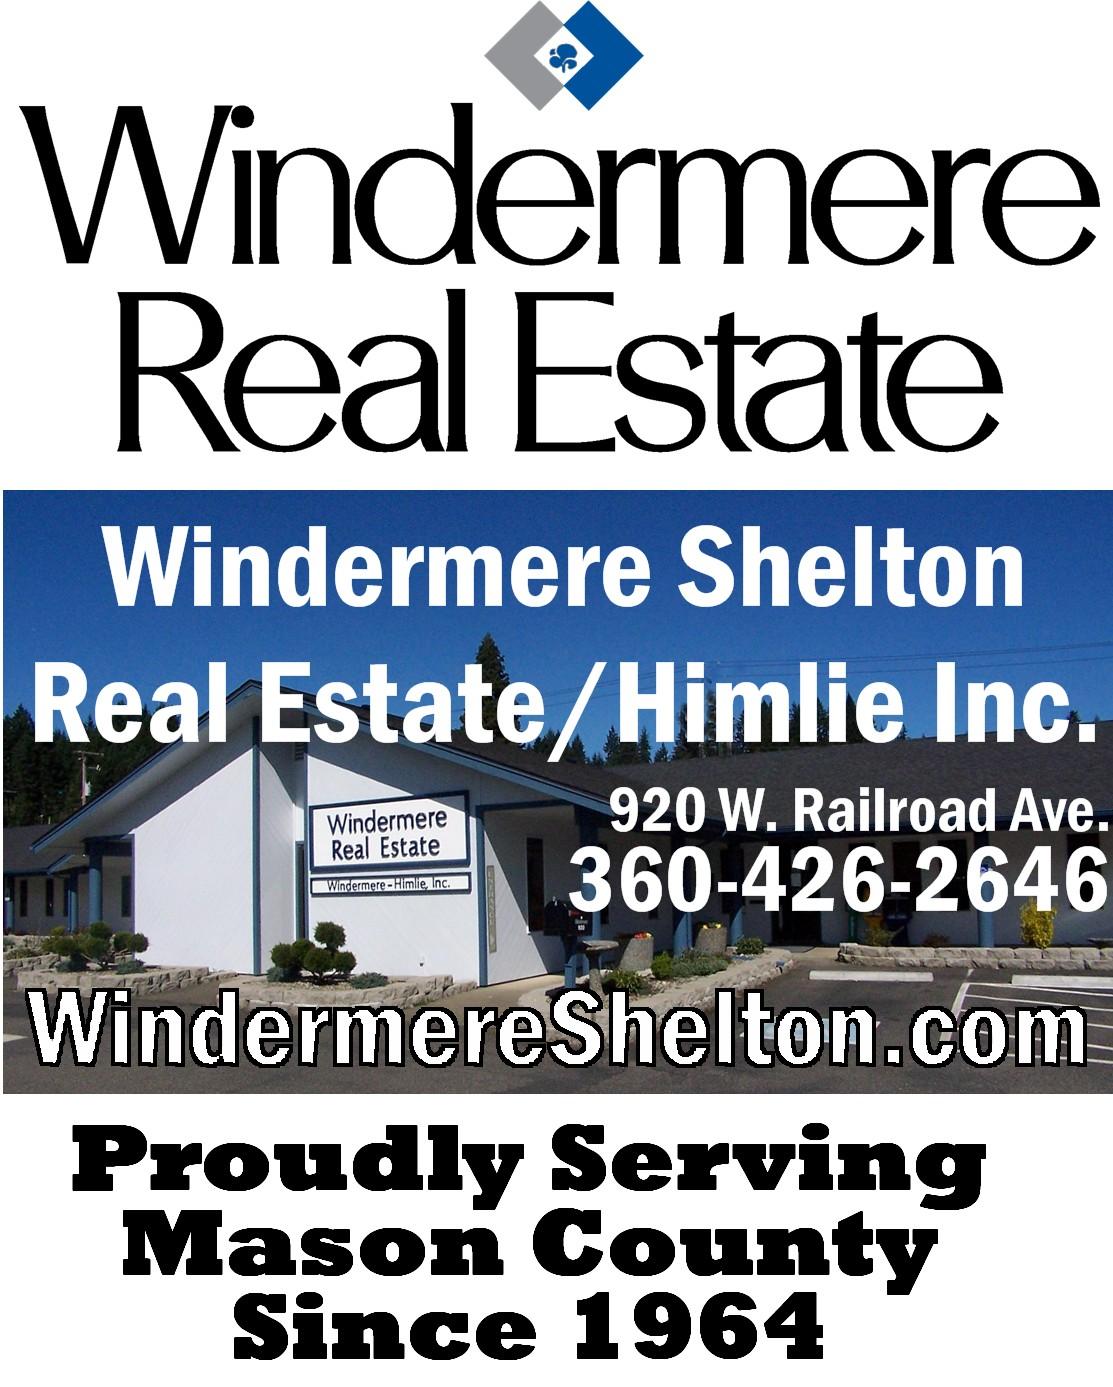 Windermere Shelton